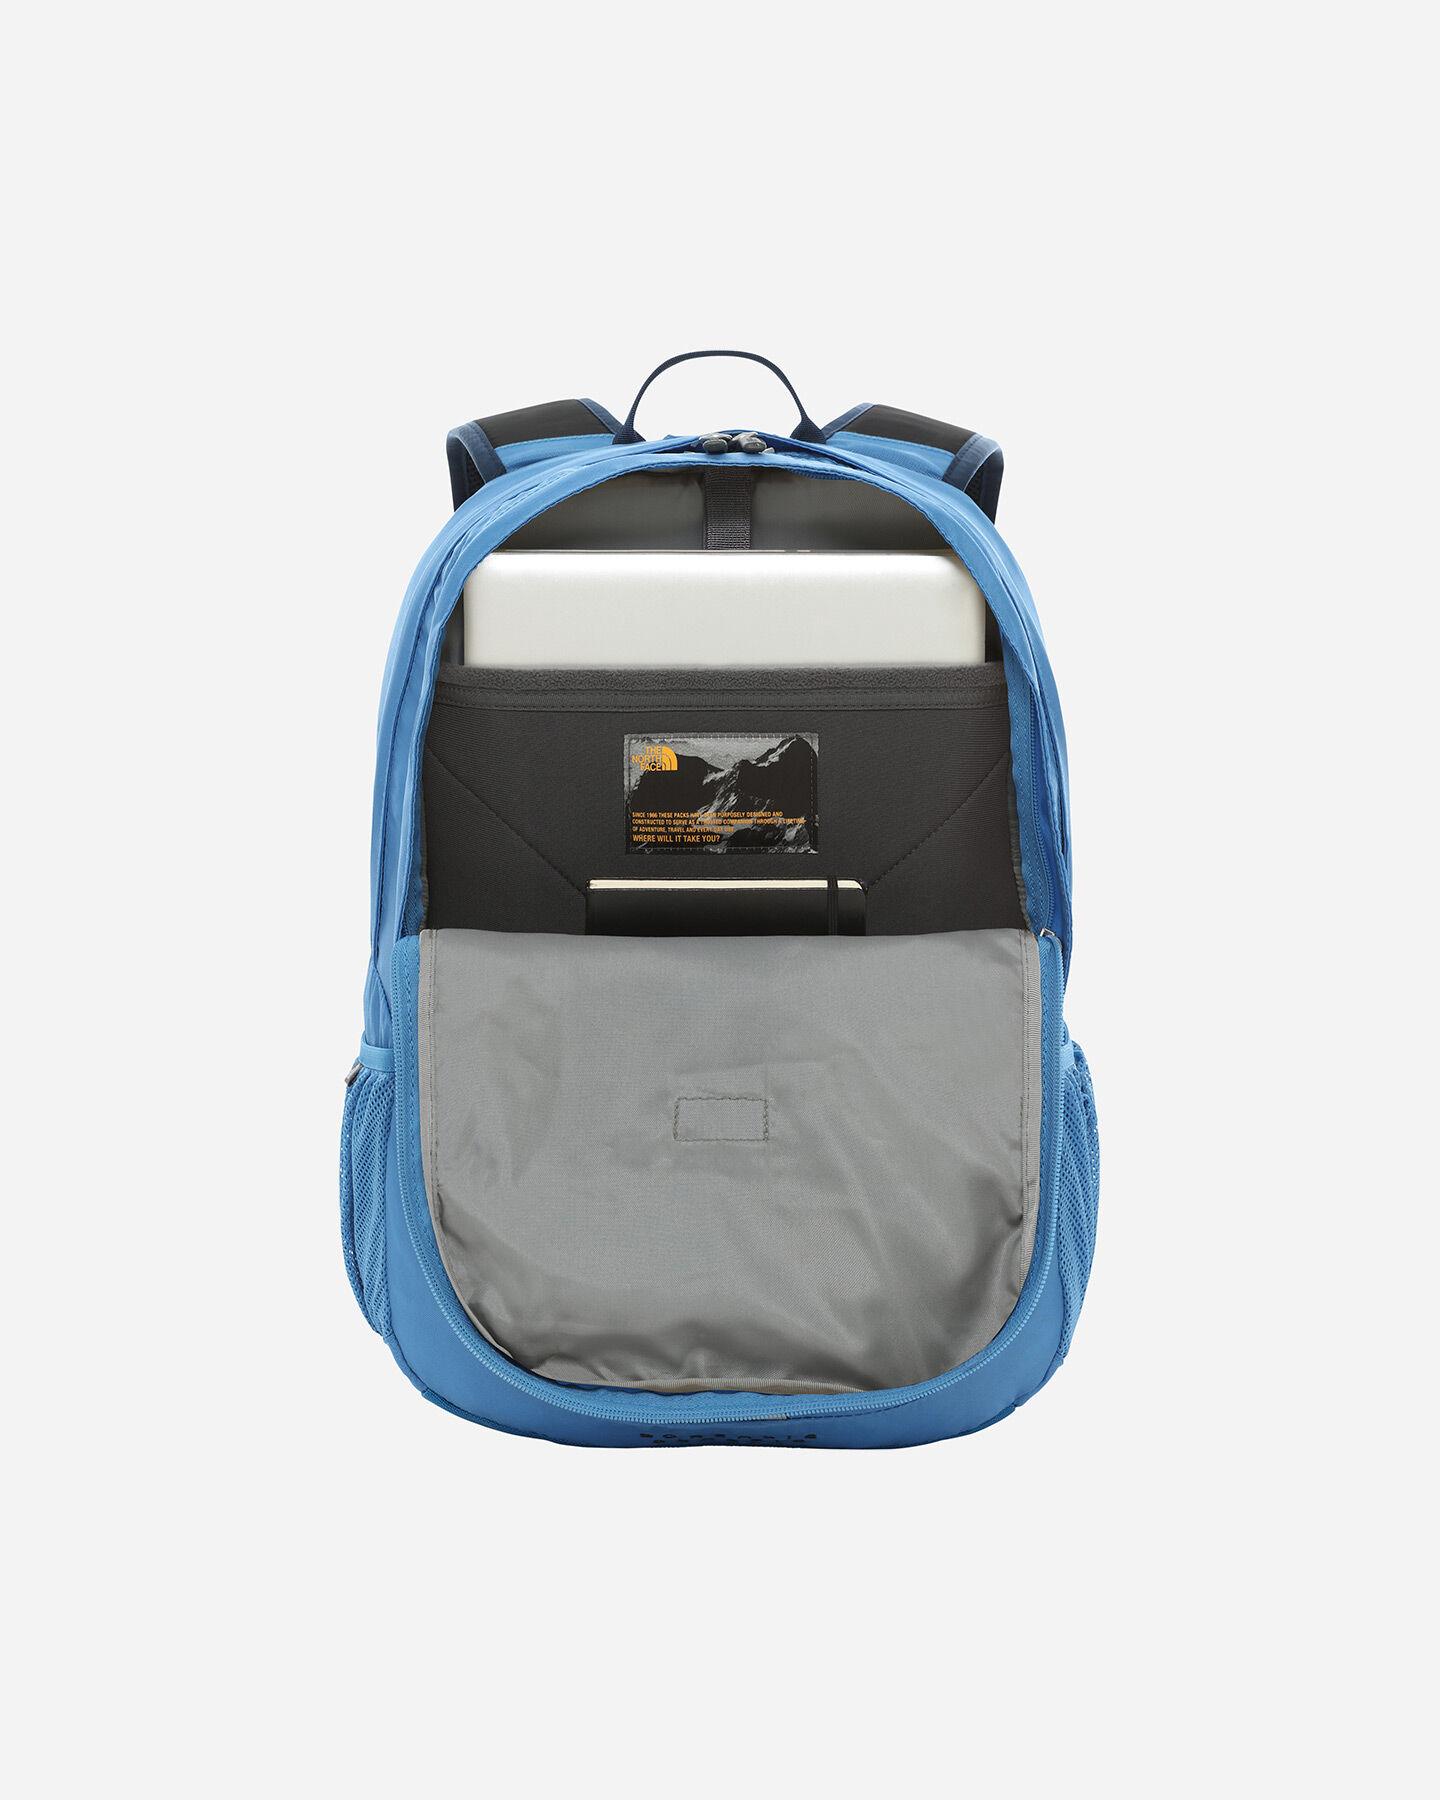 Zaino THE NORTH FACE BOREALIS CLASSIC S5200791 PN1 OS scatto 3